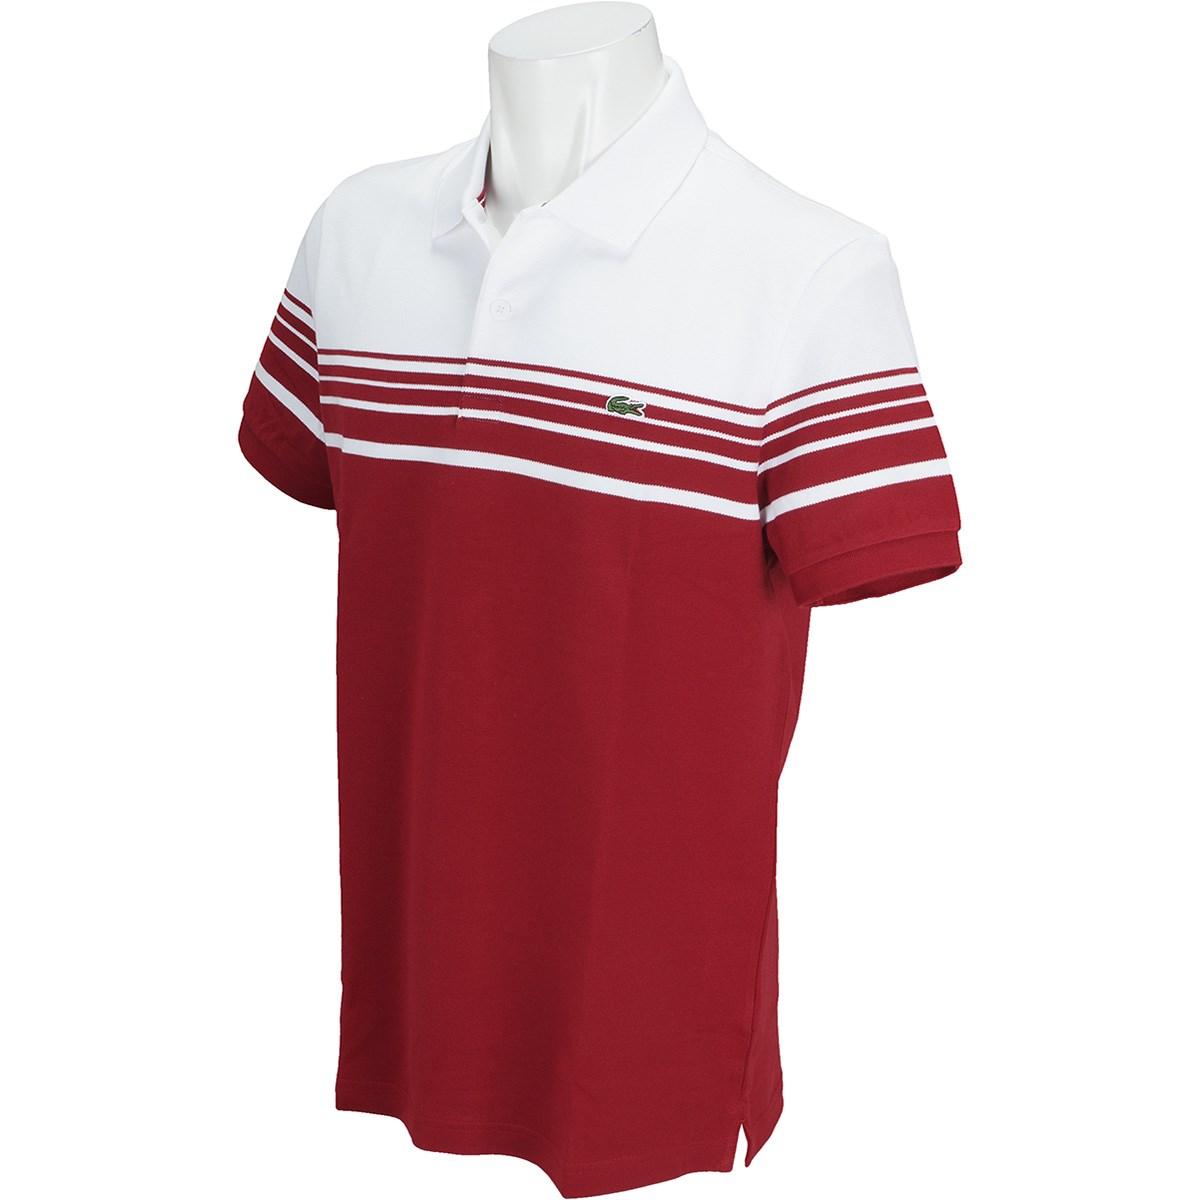 ラコステ スリムフィット ボーダー 半袖ポロシャツ